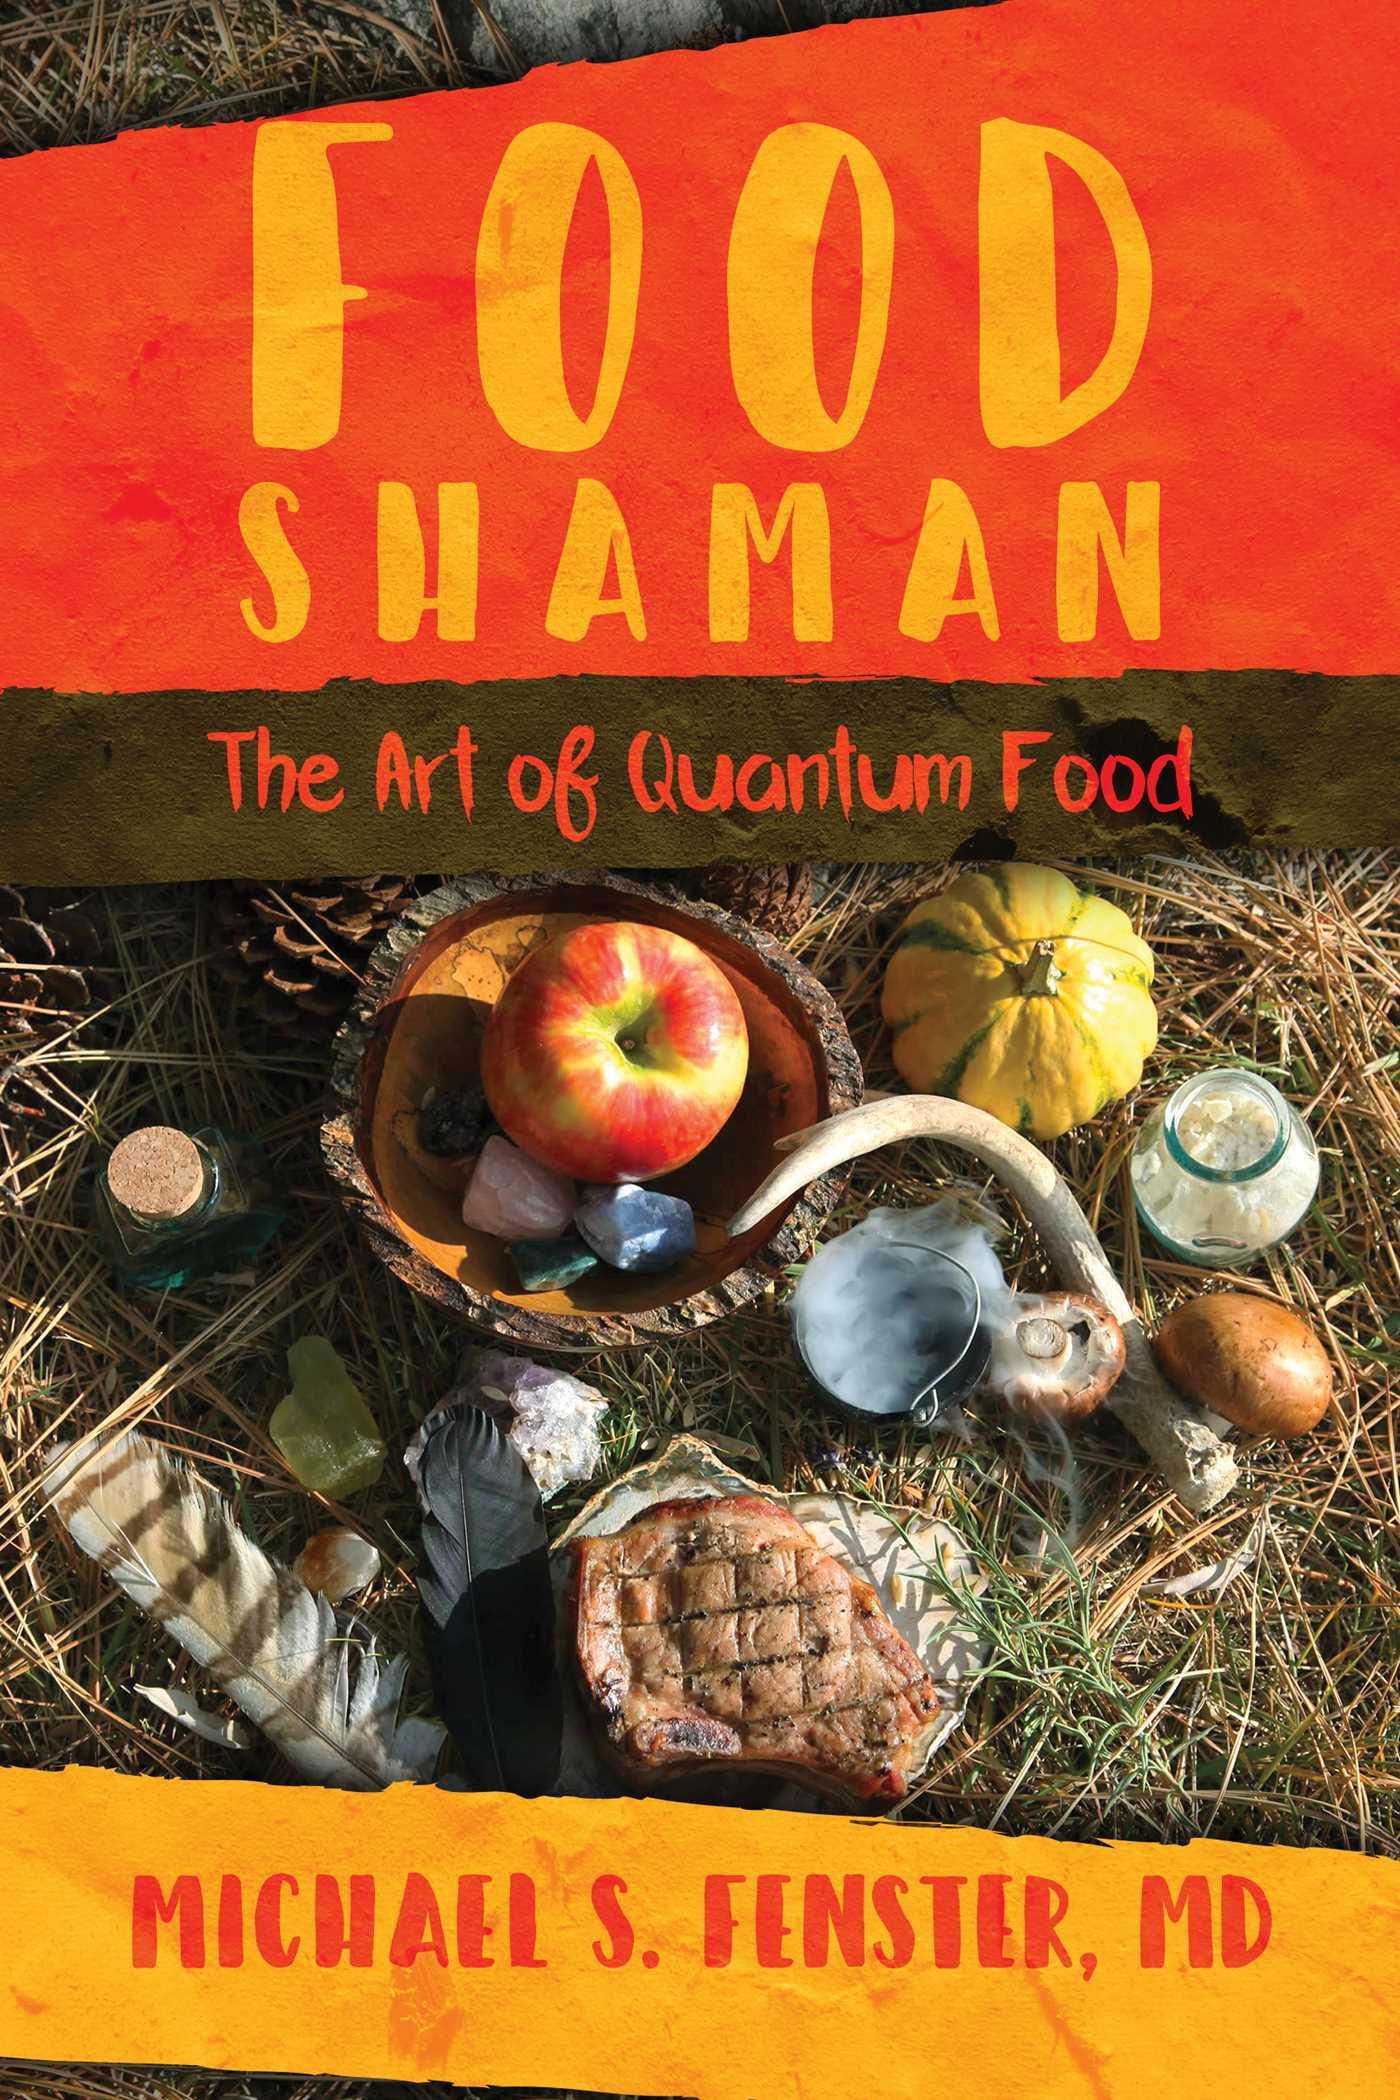 Food shaman 9781682617243 hr